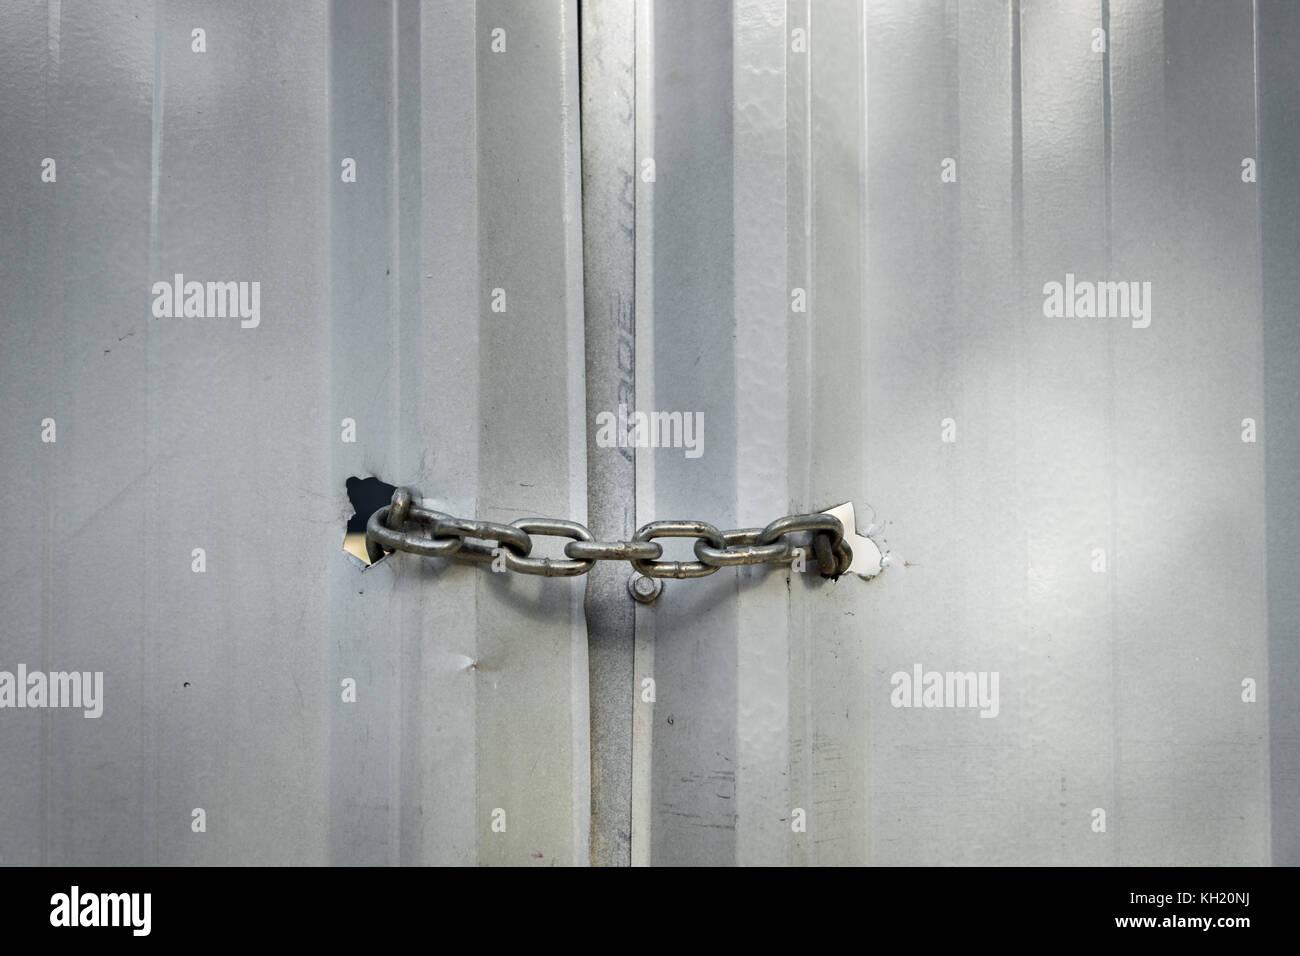 Chaîne métal porte de verrouillage en toute sécurité dans un milieu industriel Photo Stock